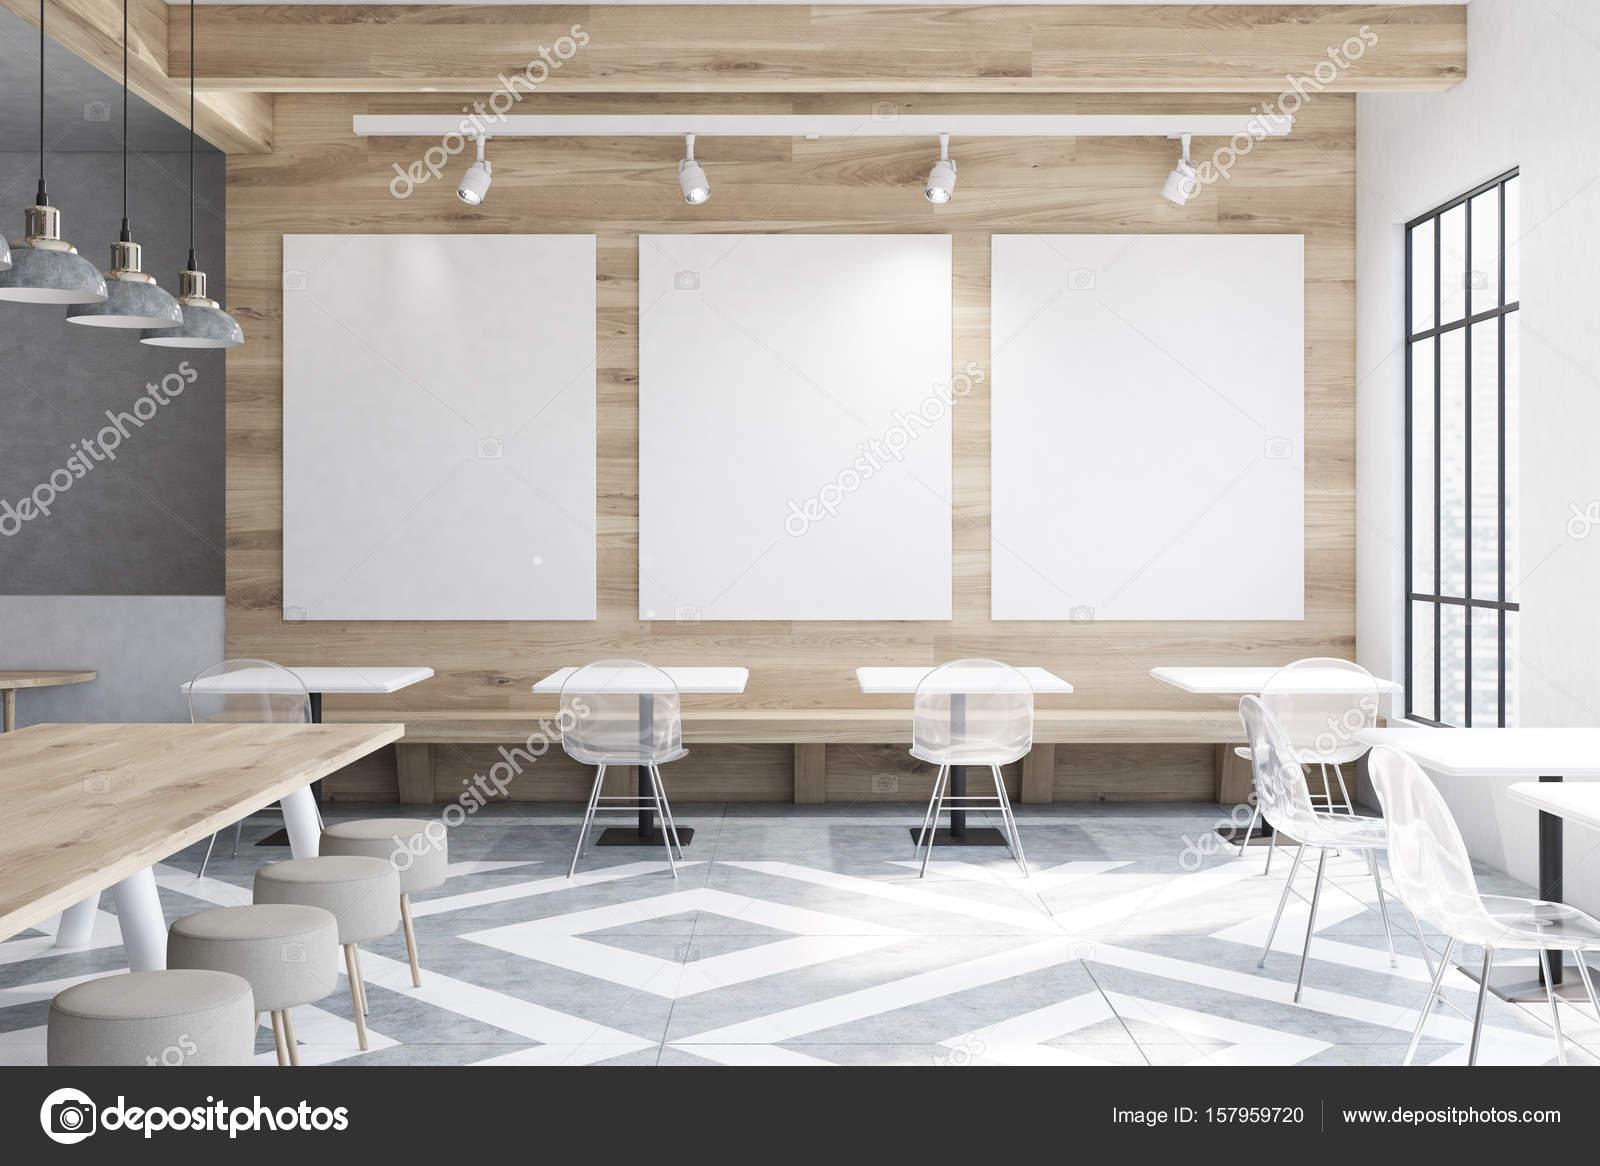 Cafe mit Tische, Runde Stühle, Poster — Stockfoto © denisismagilov ...